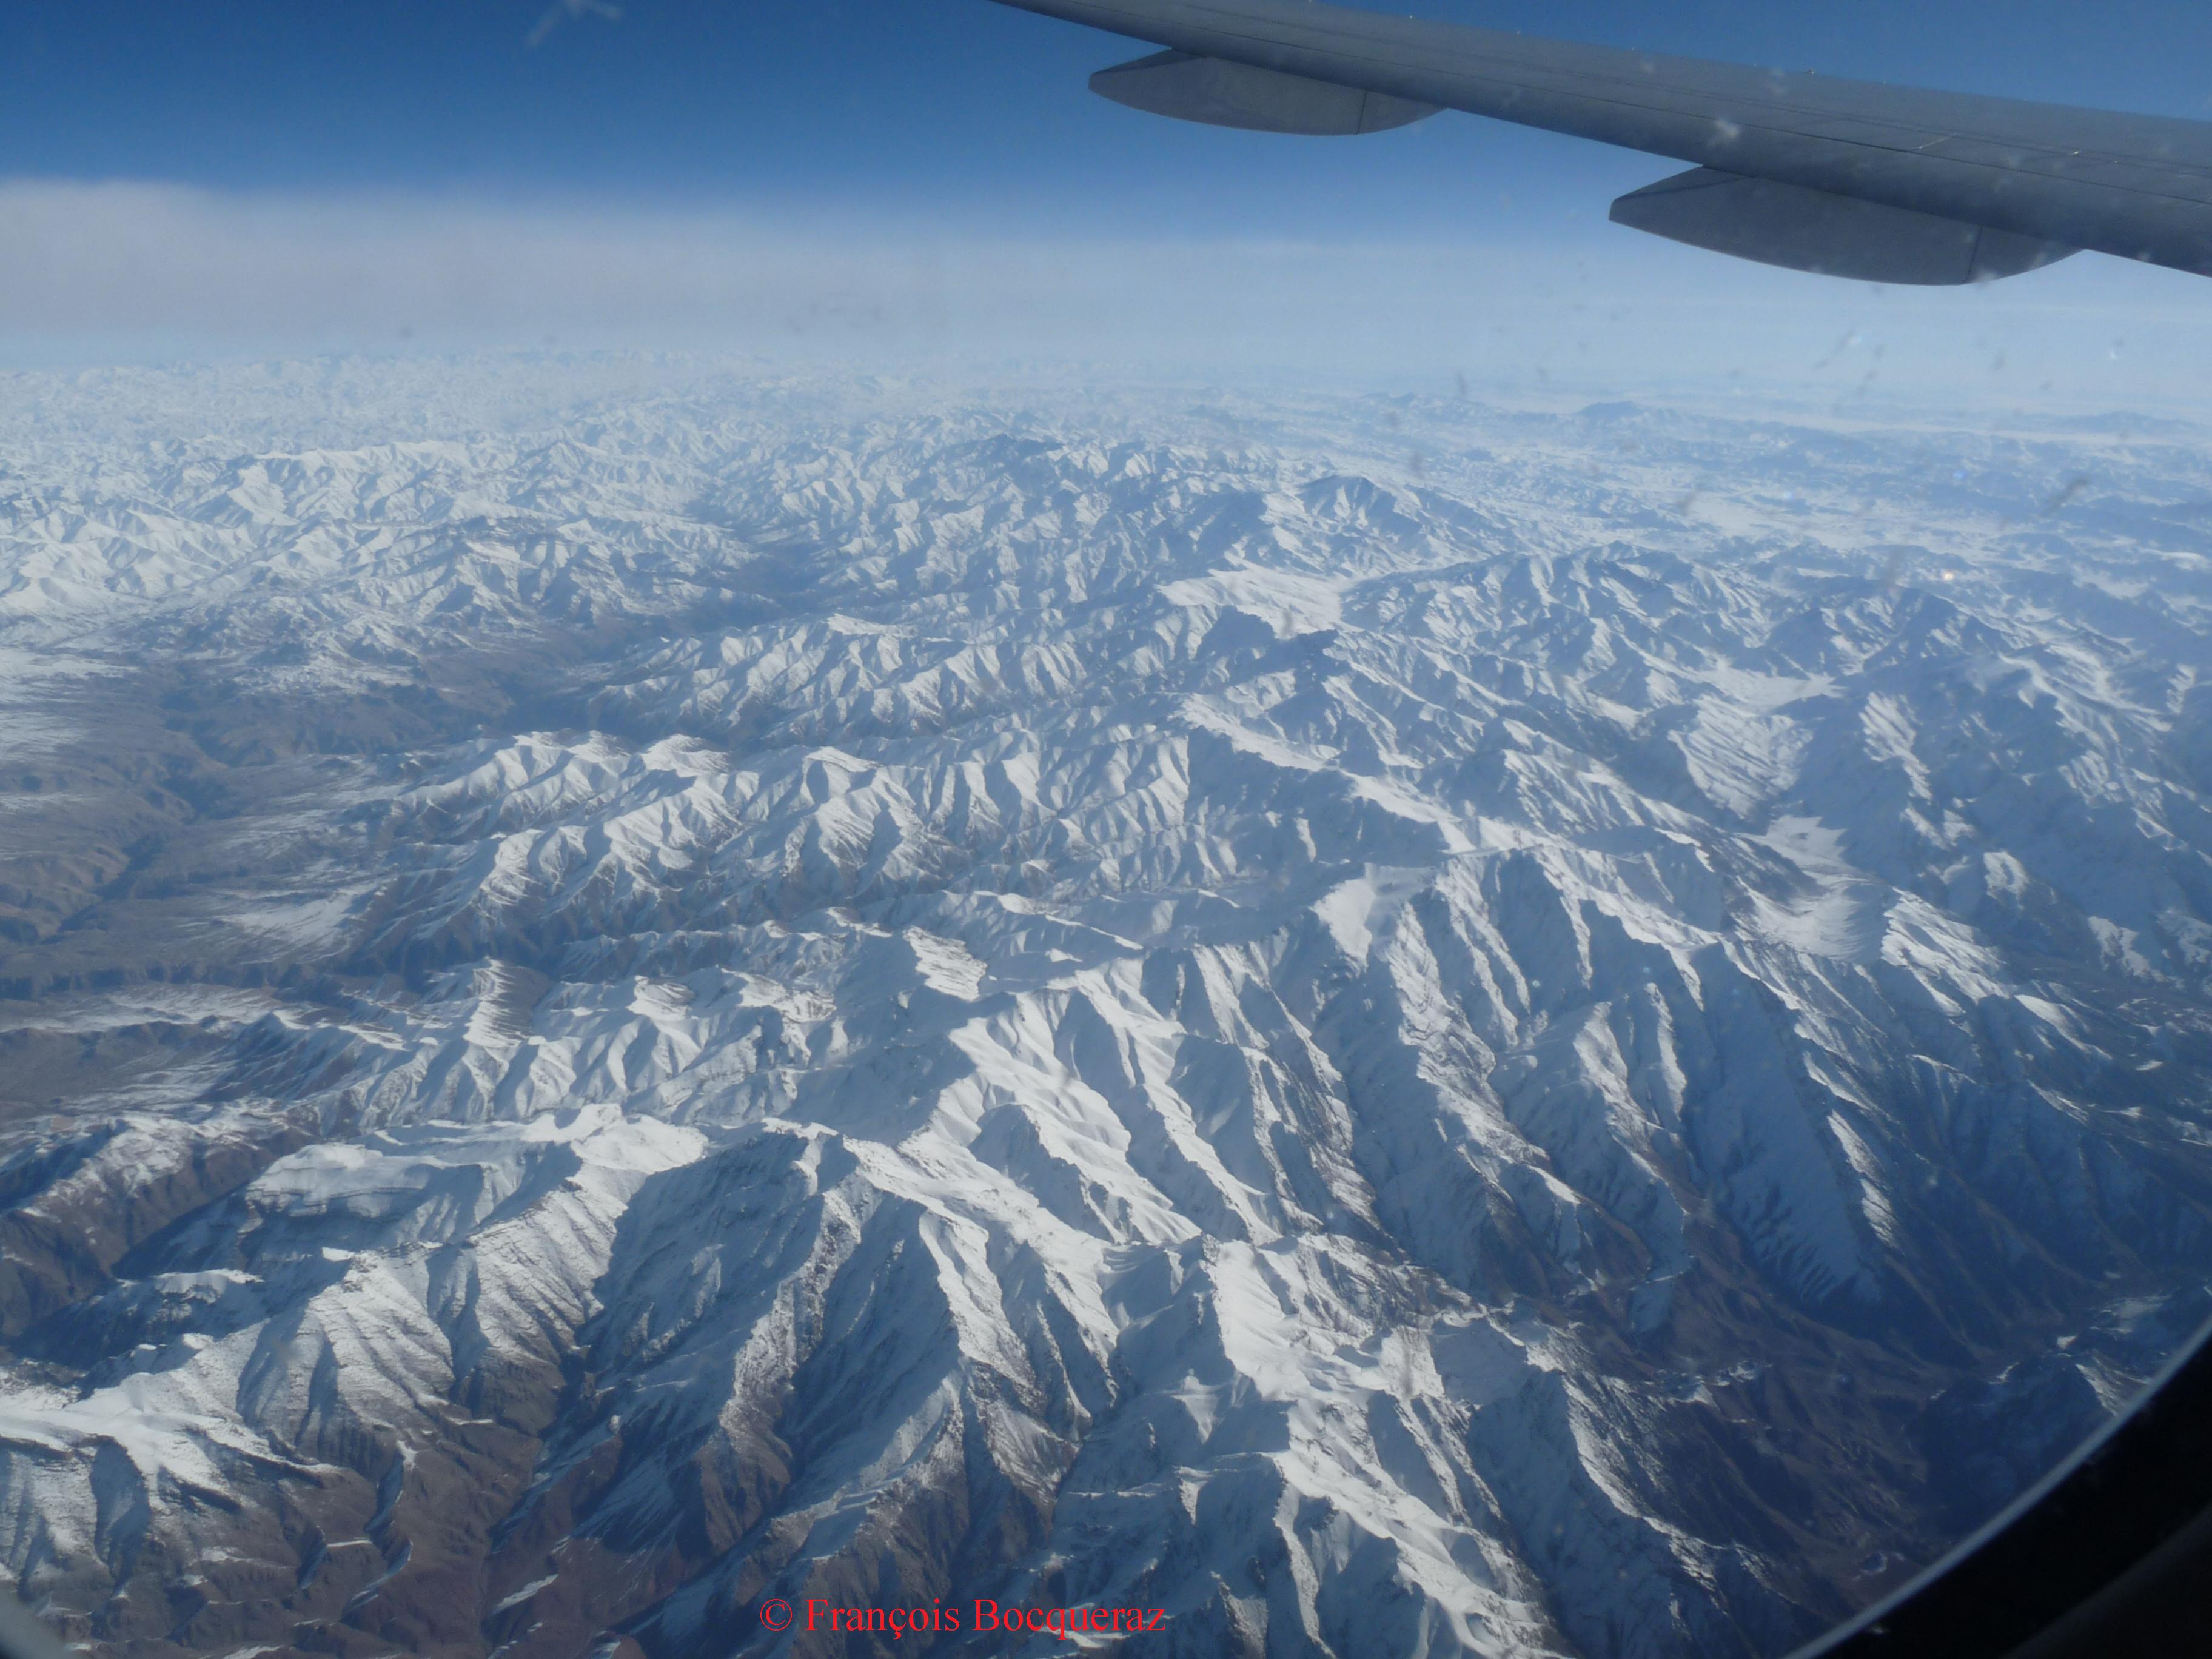 montagne-nepal-ciel